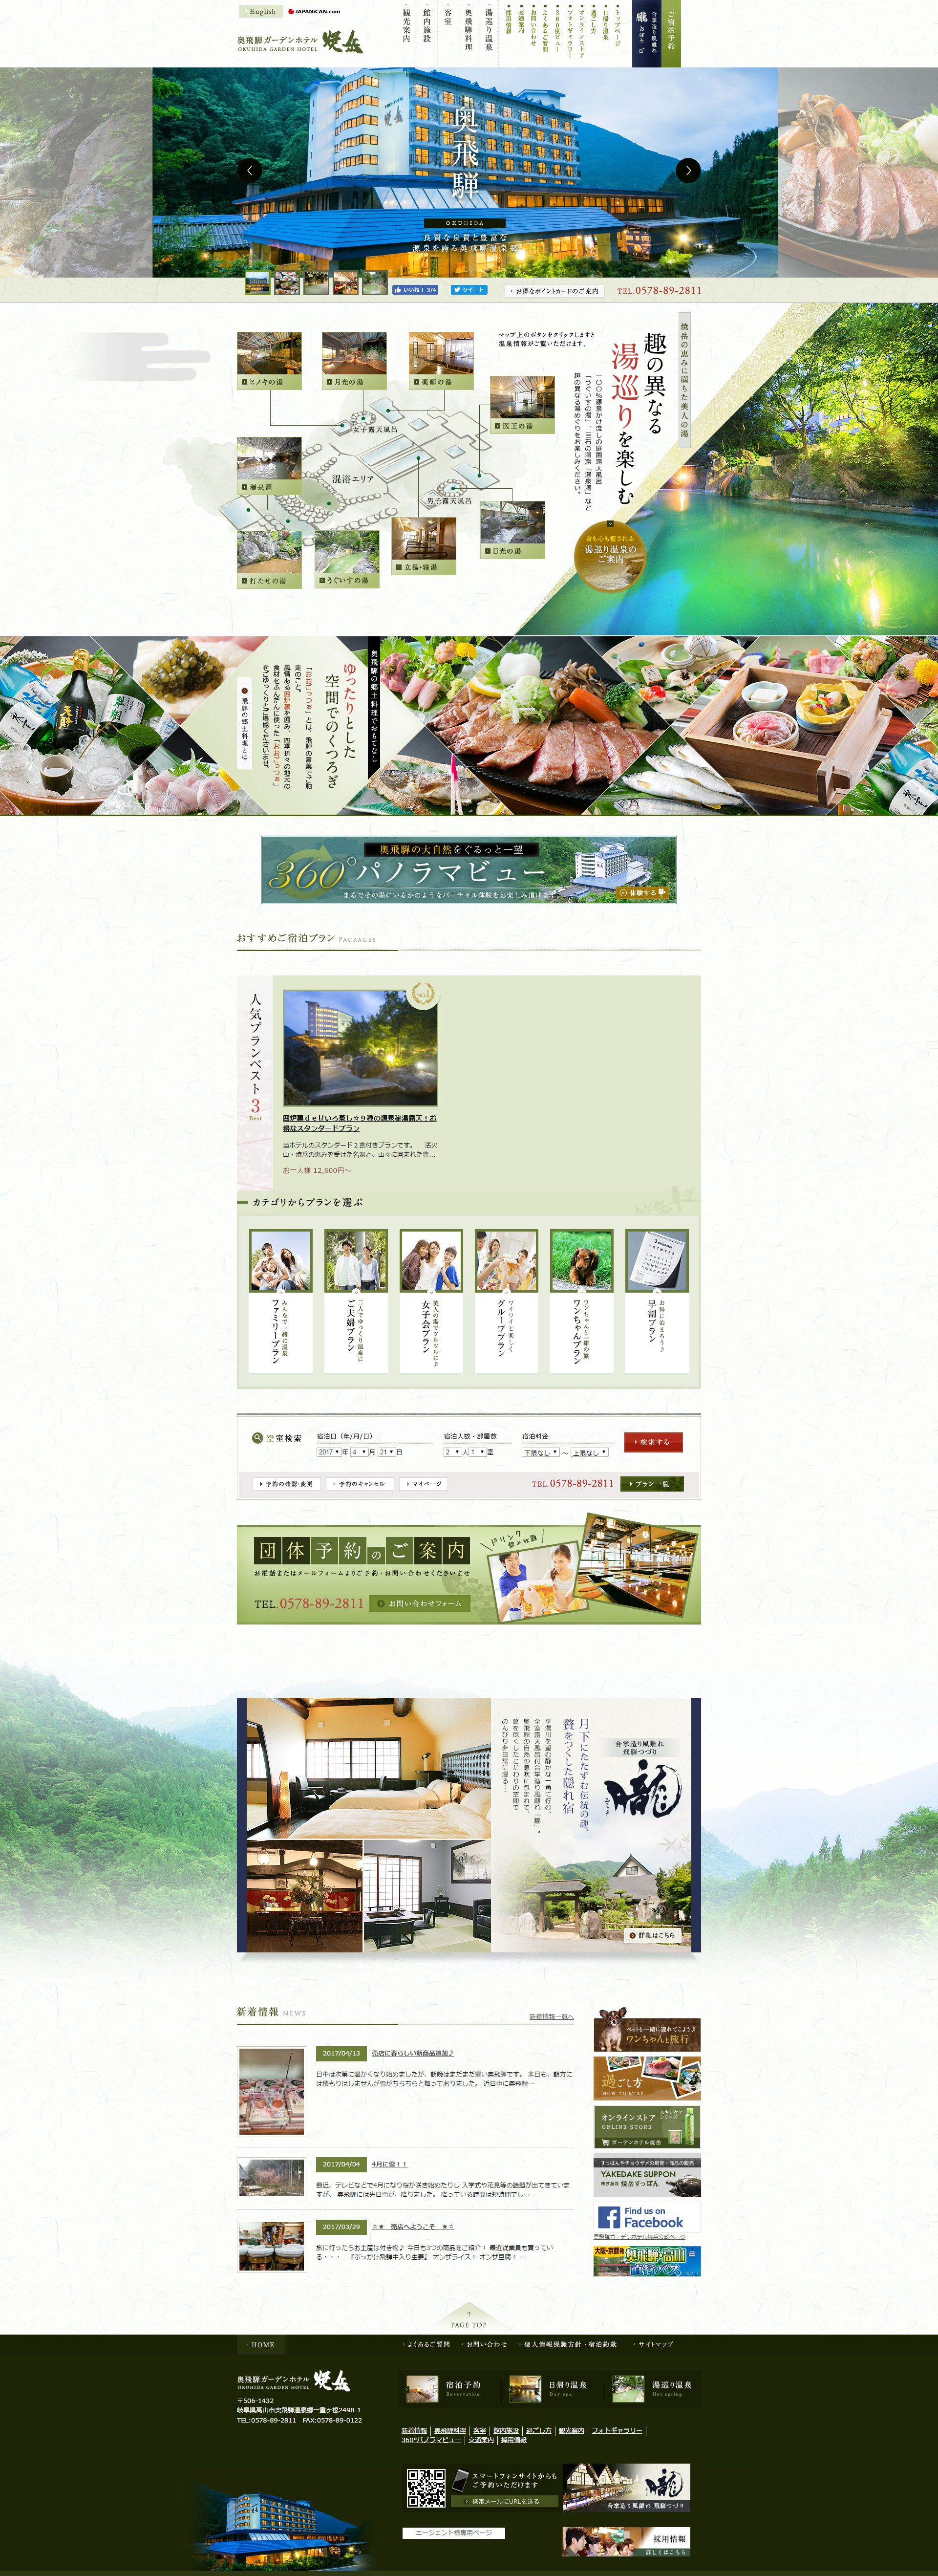 Interfejs おしゃれまとめの人気アイデア Pinterest Na 温泉郷 ウェブデザイン ガーデン